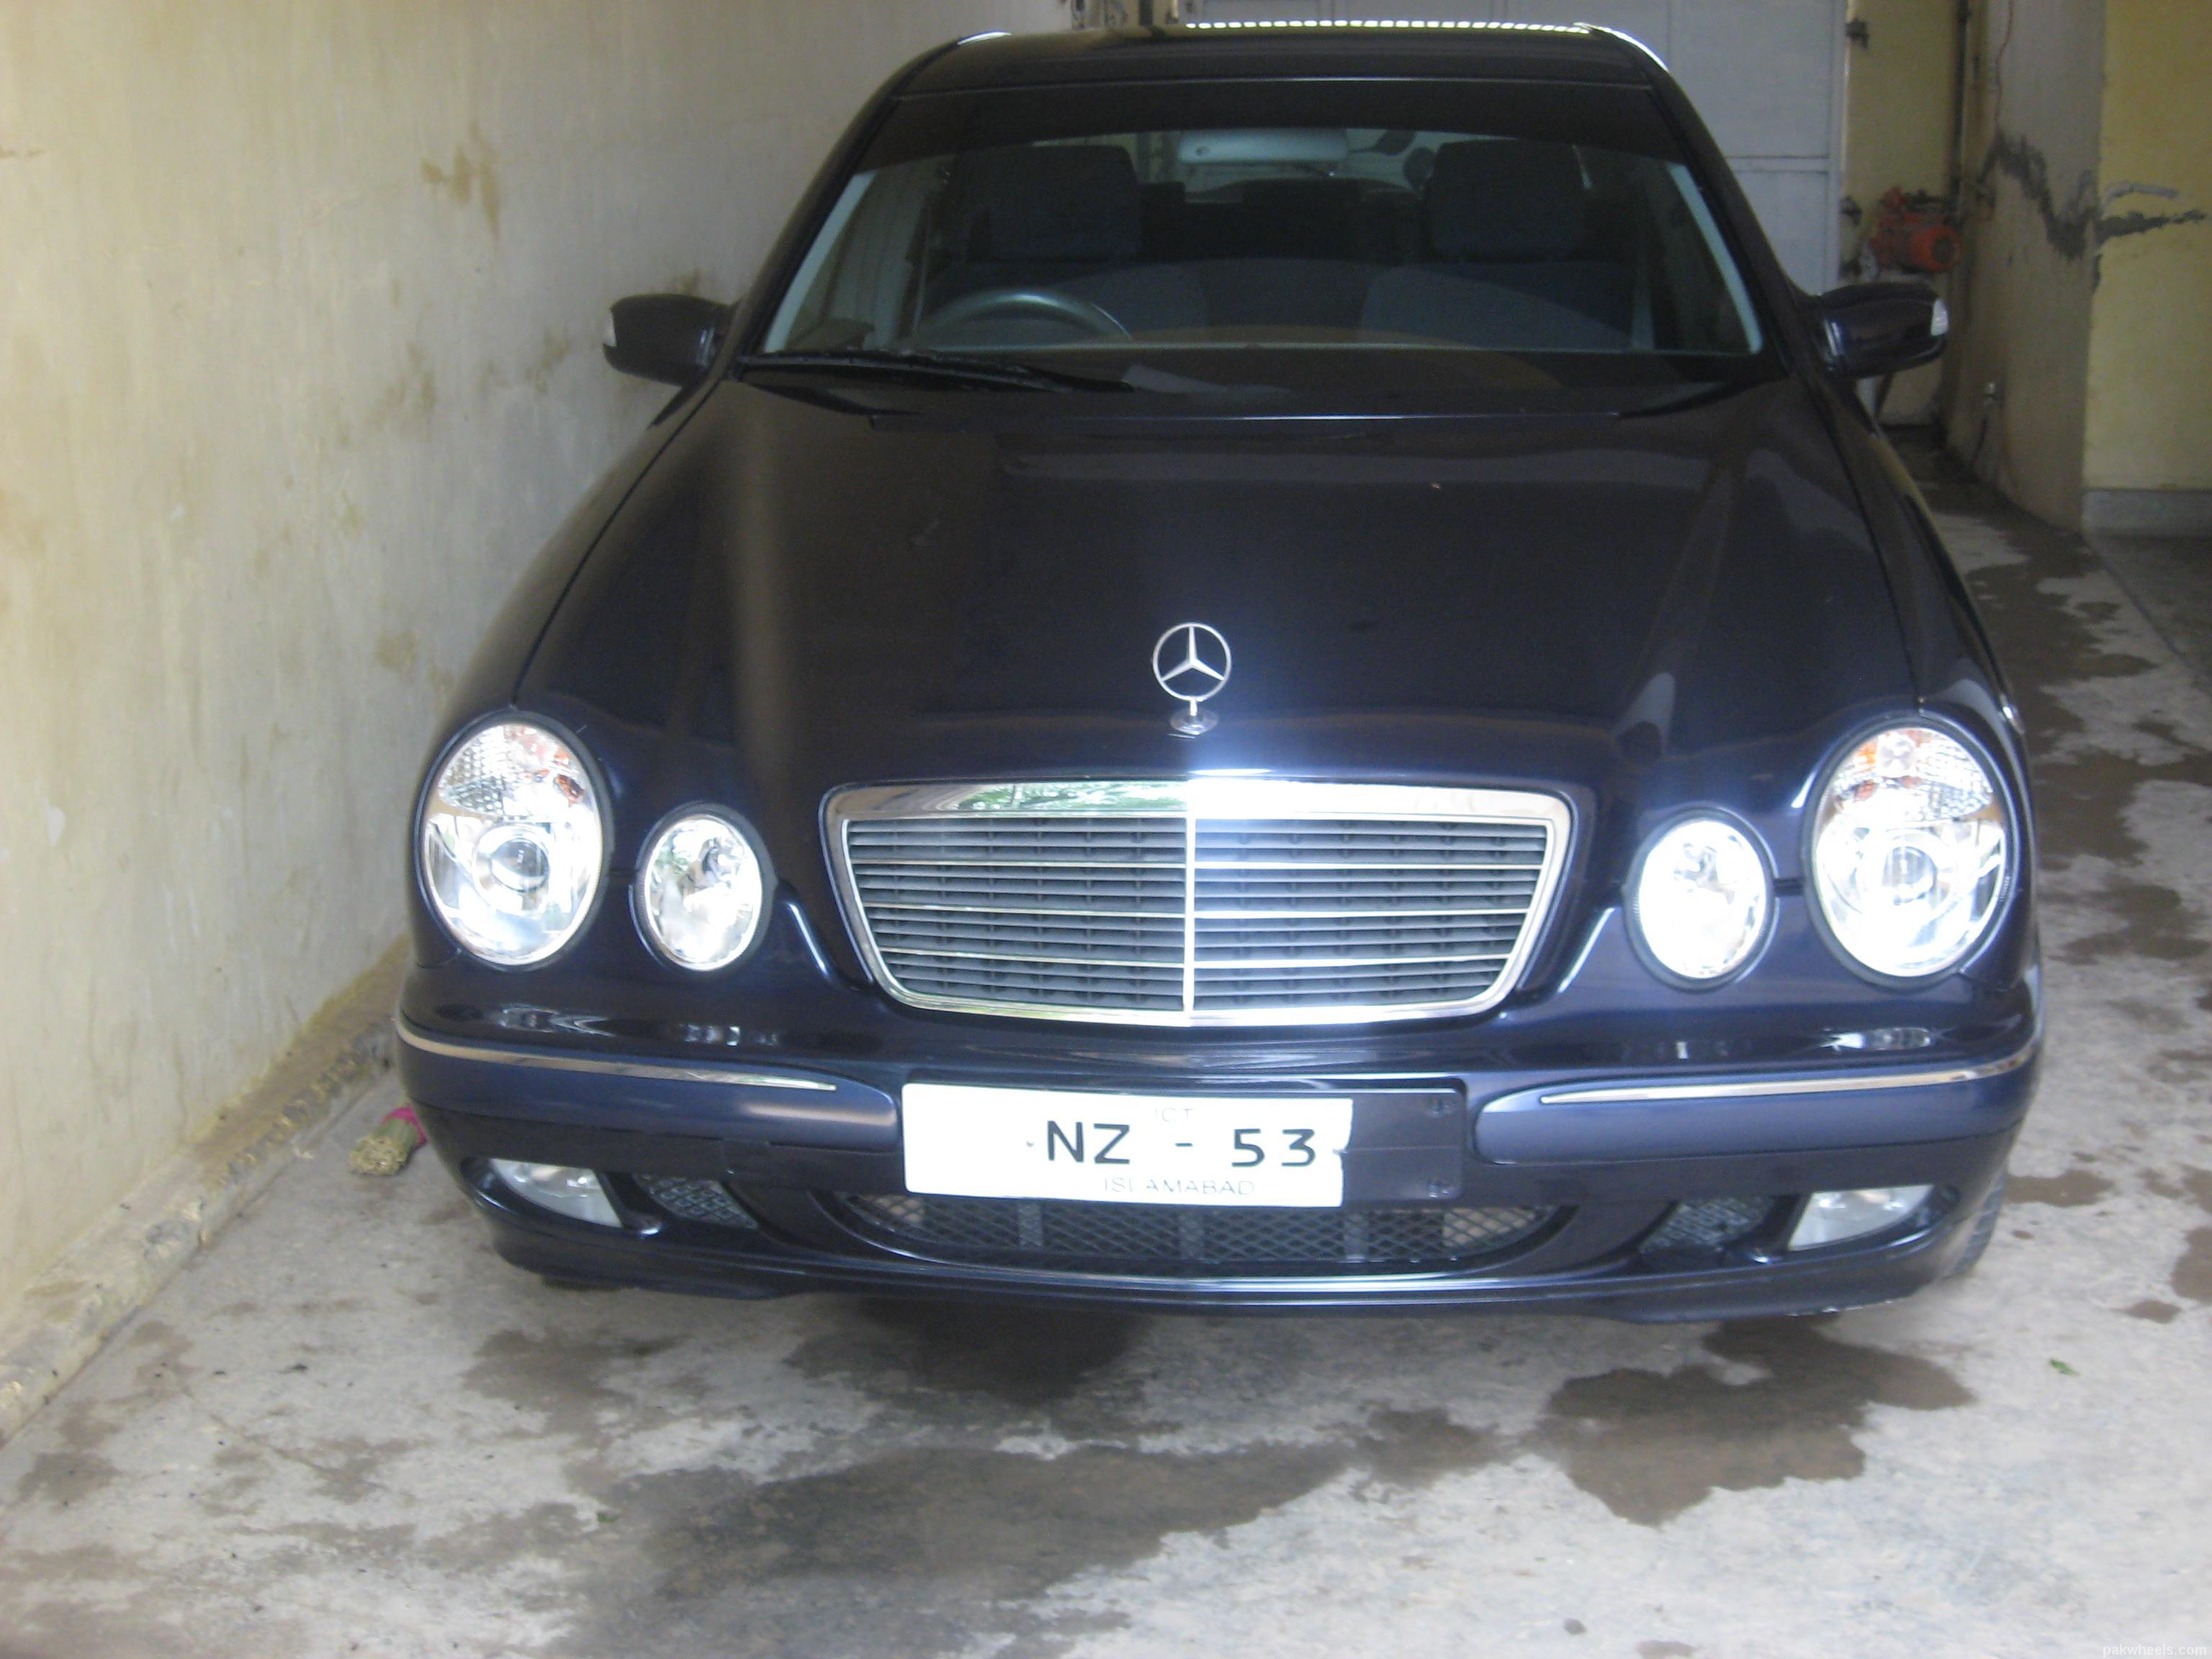 Mercedes Benz E Class E320 2001 Image-1